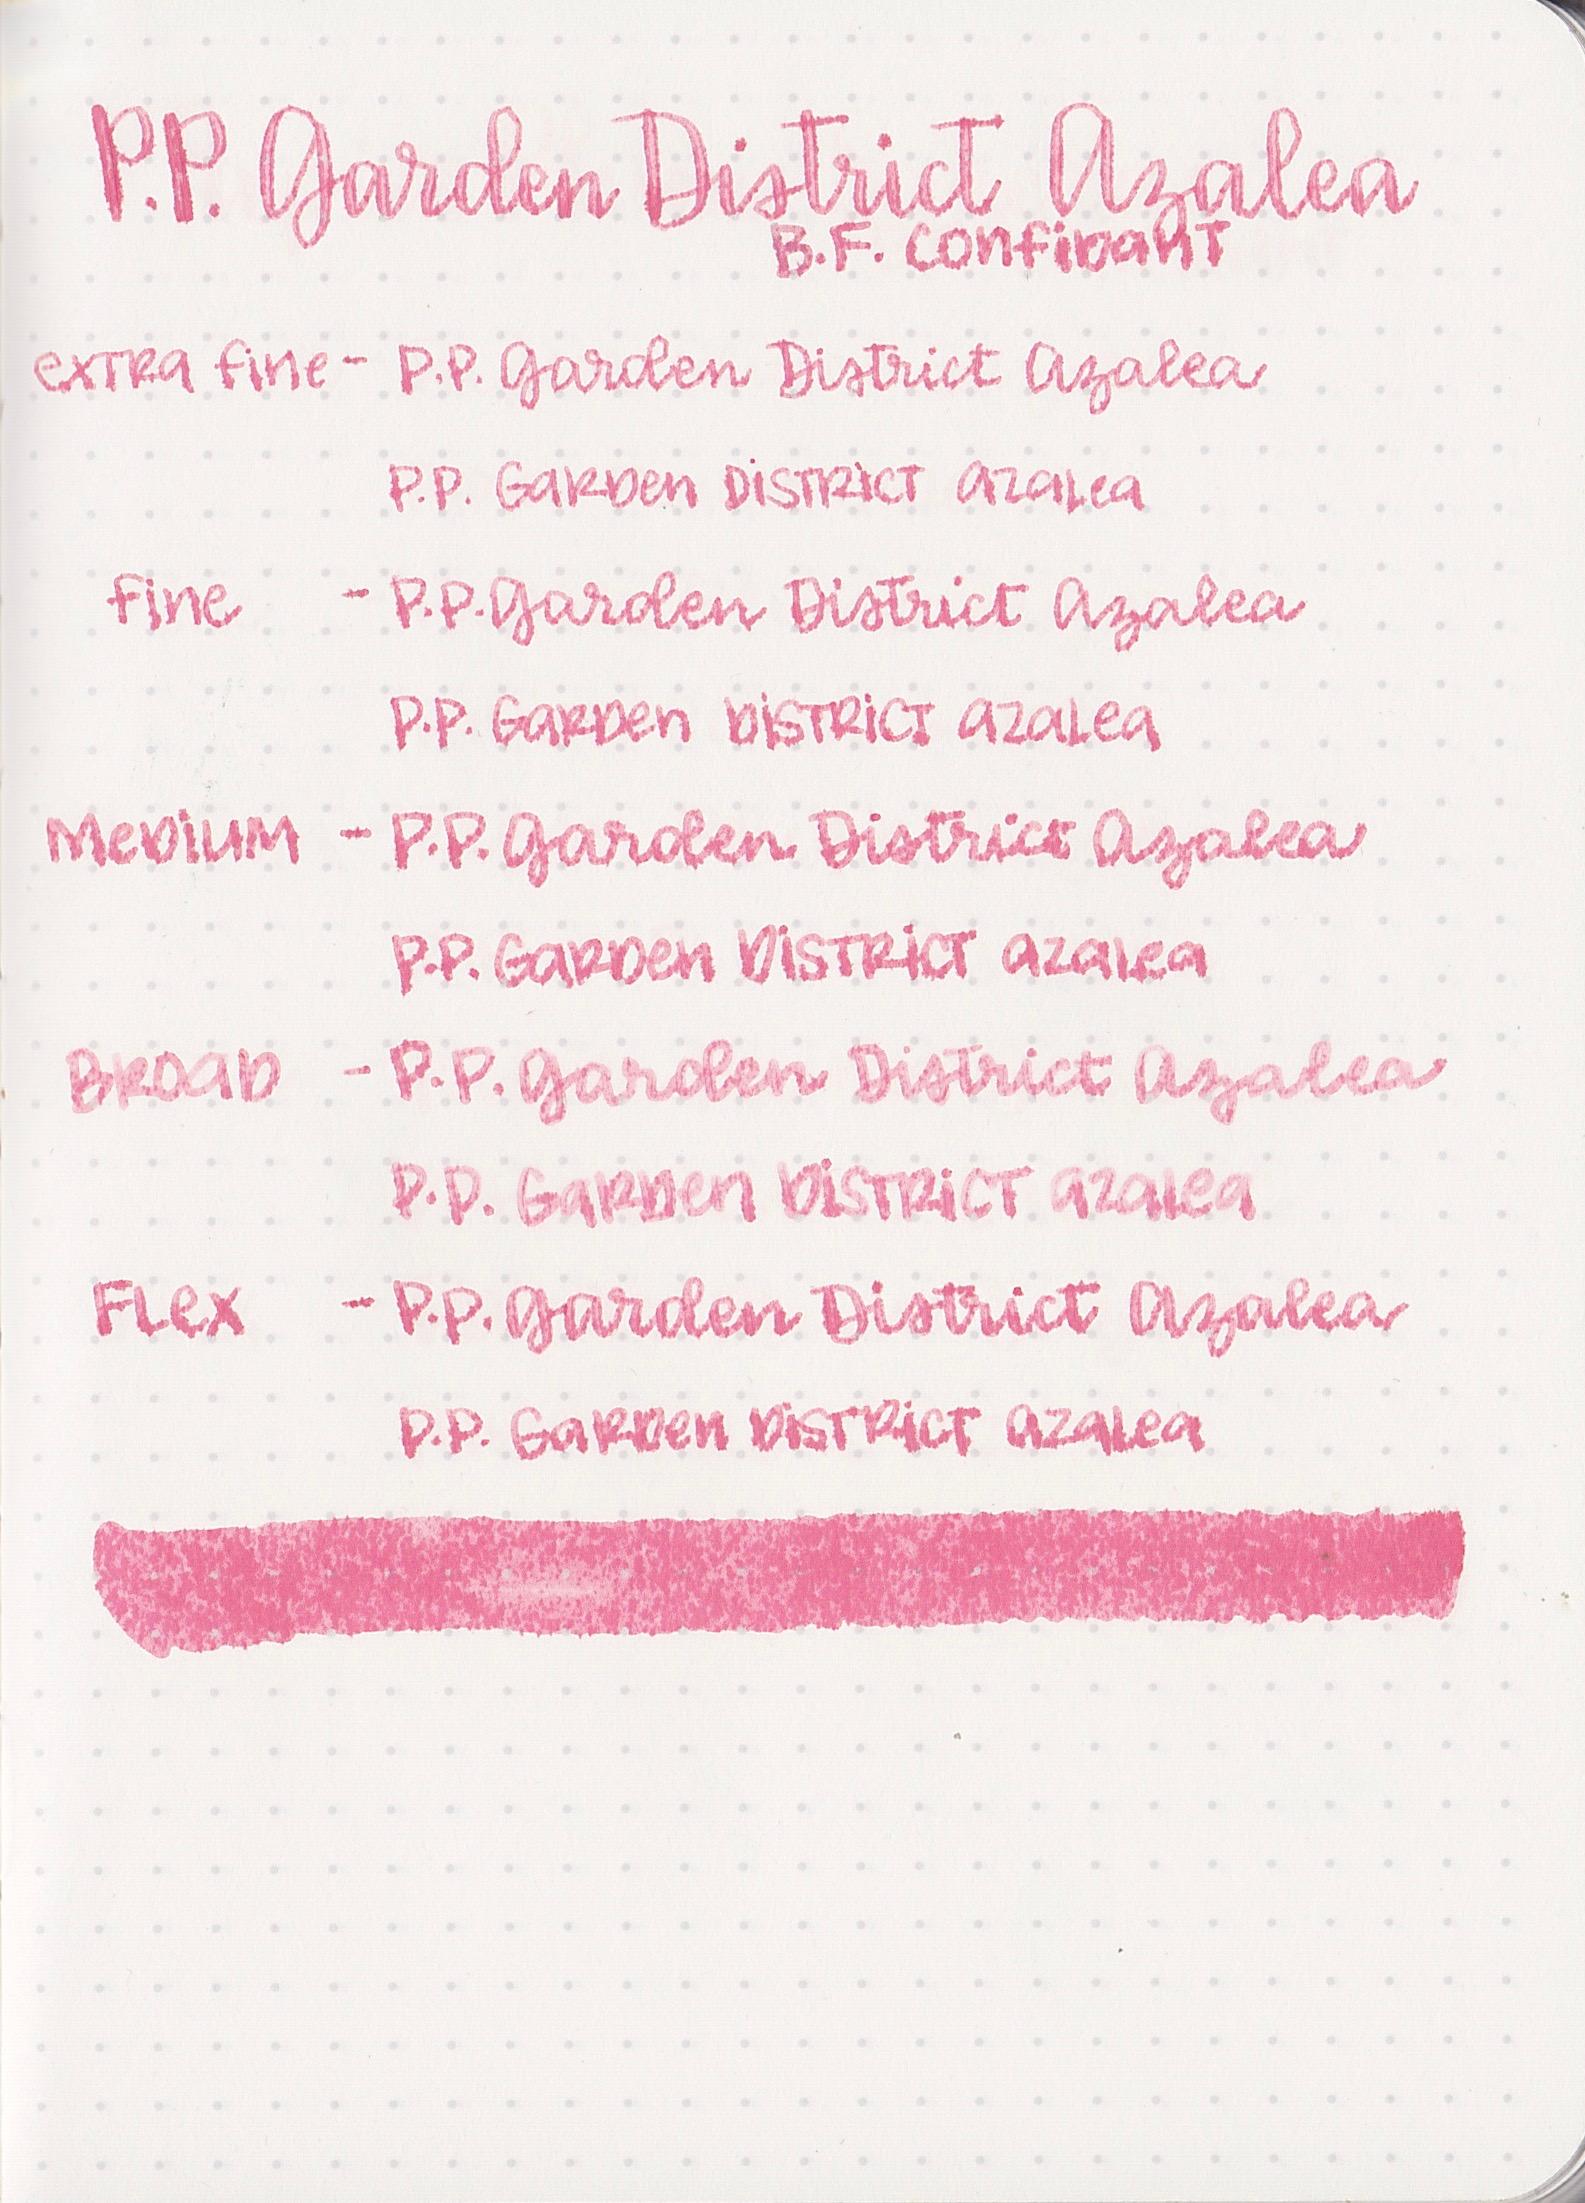 PPGardenDistrictAzalea - 17.jpg